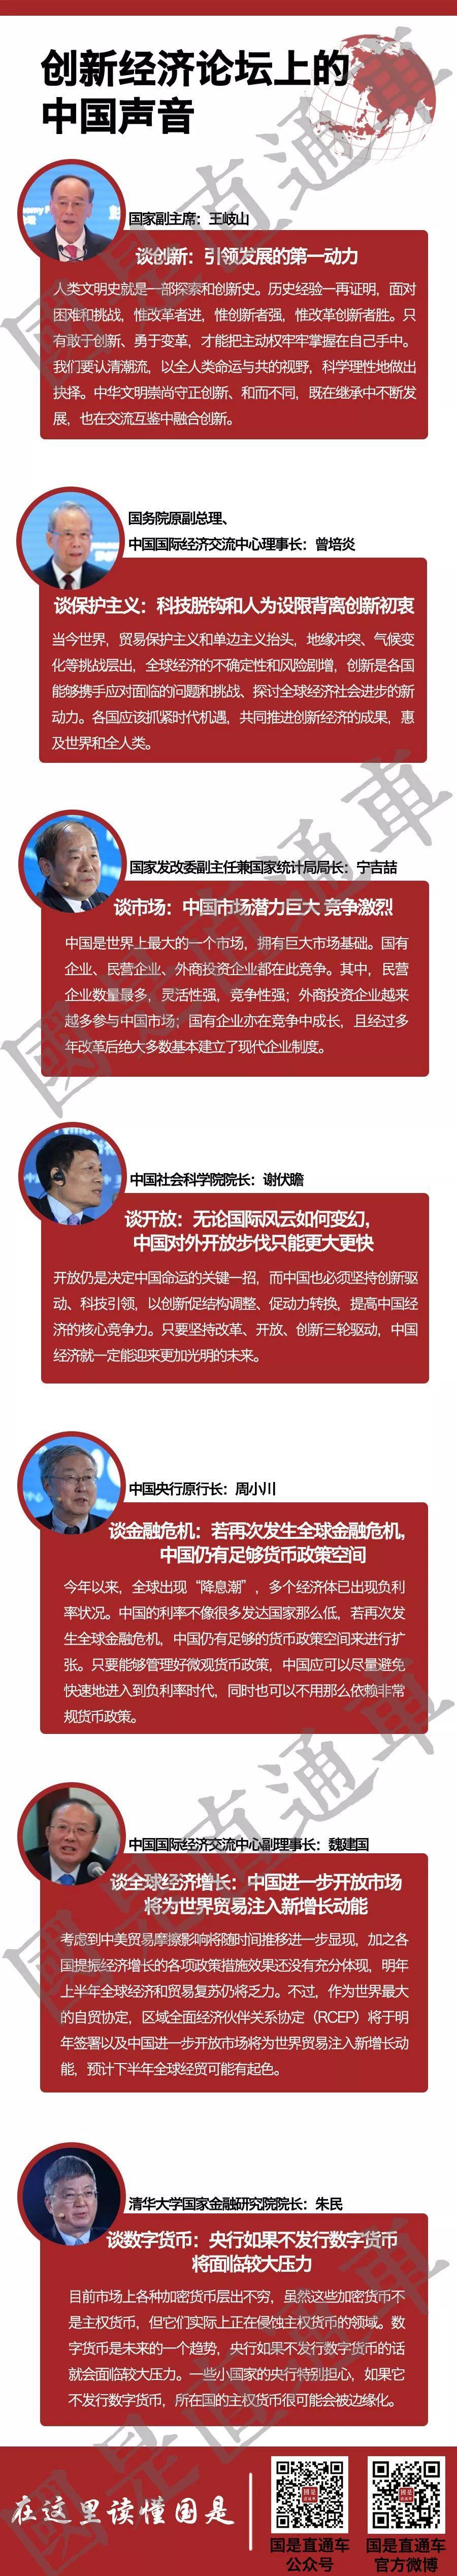 创新经济论坛上的中国声音